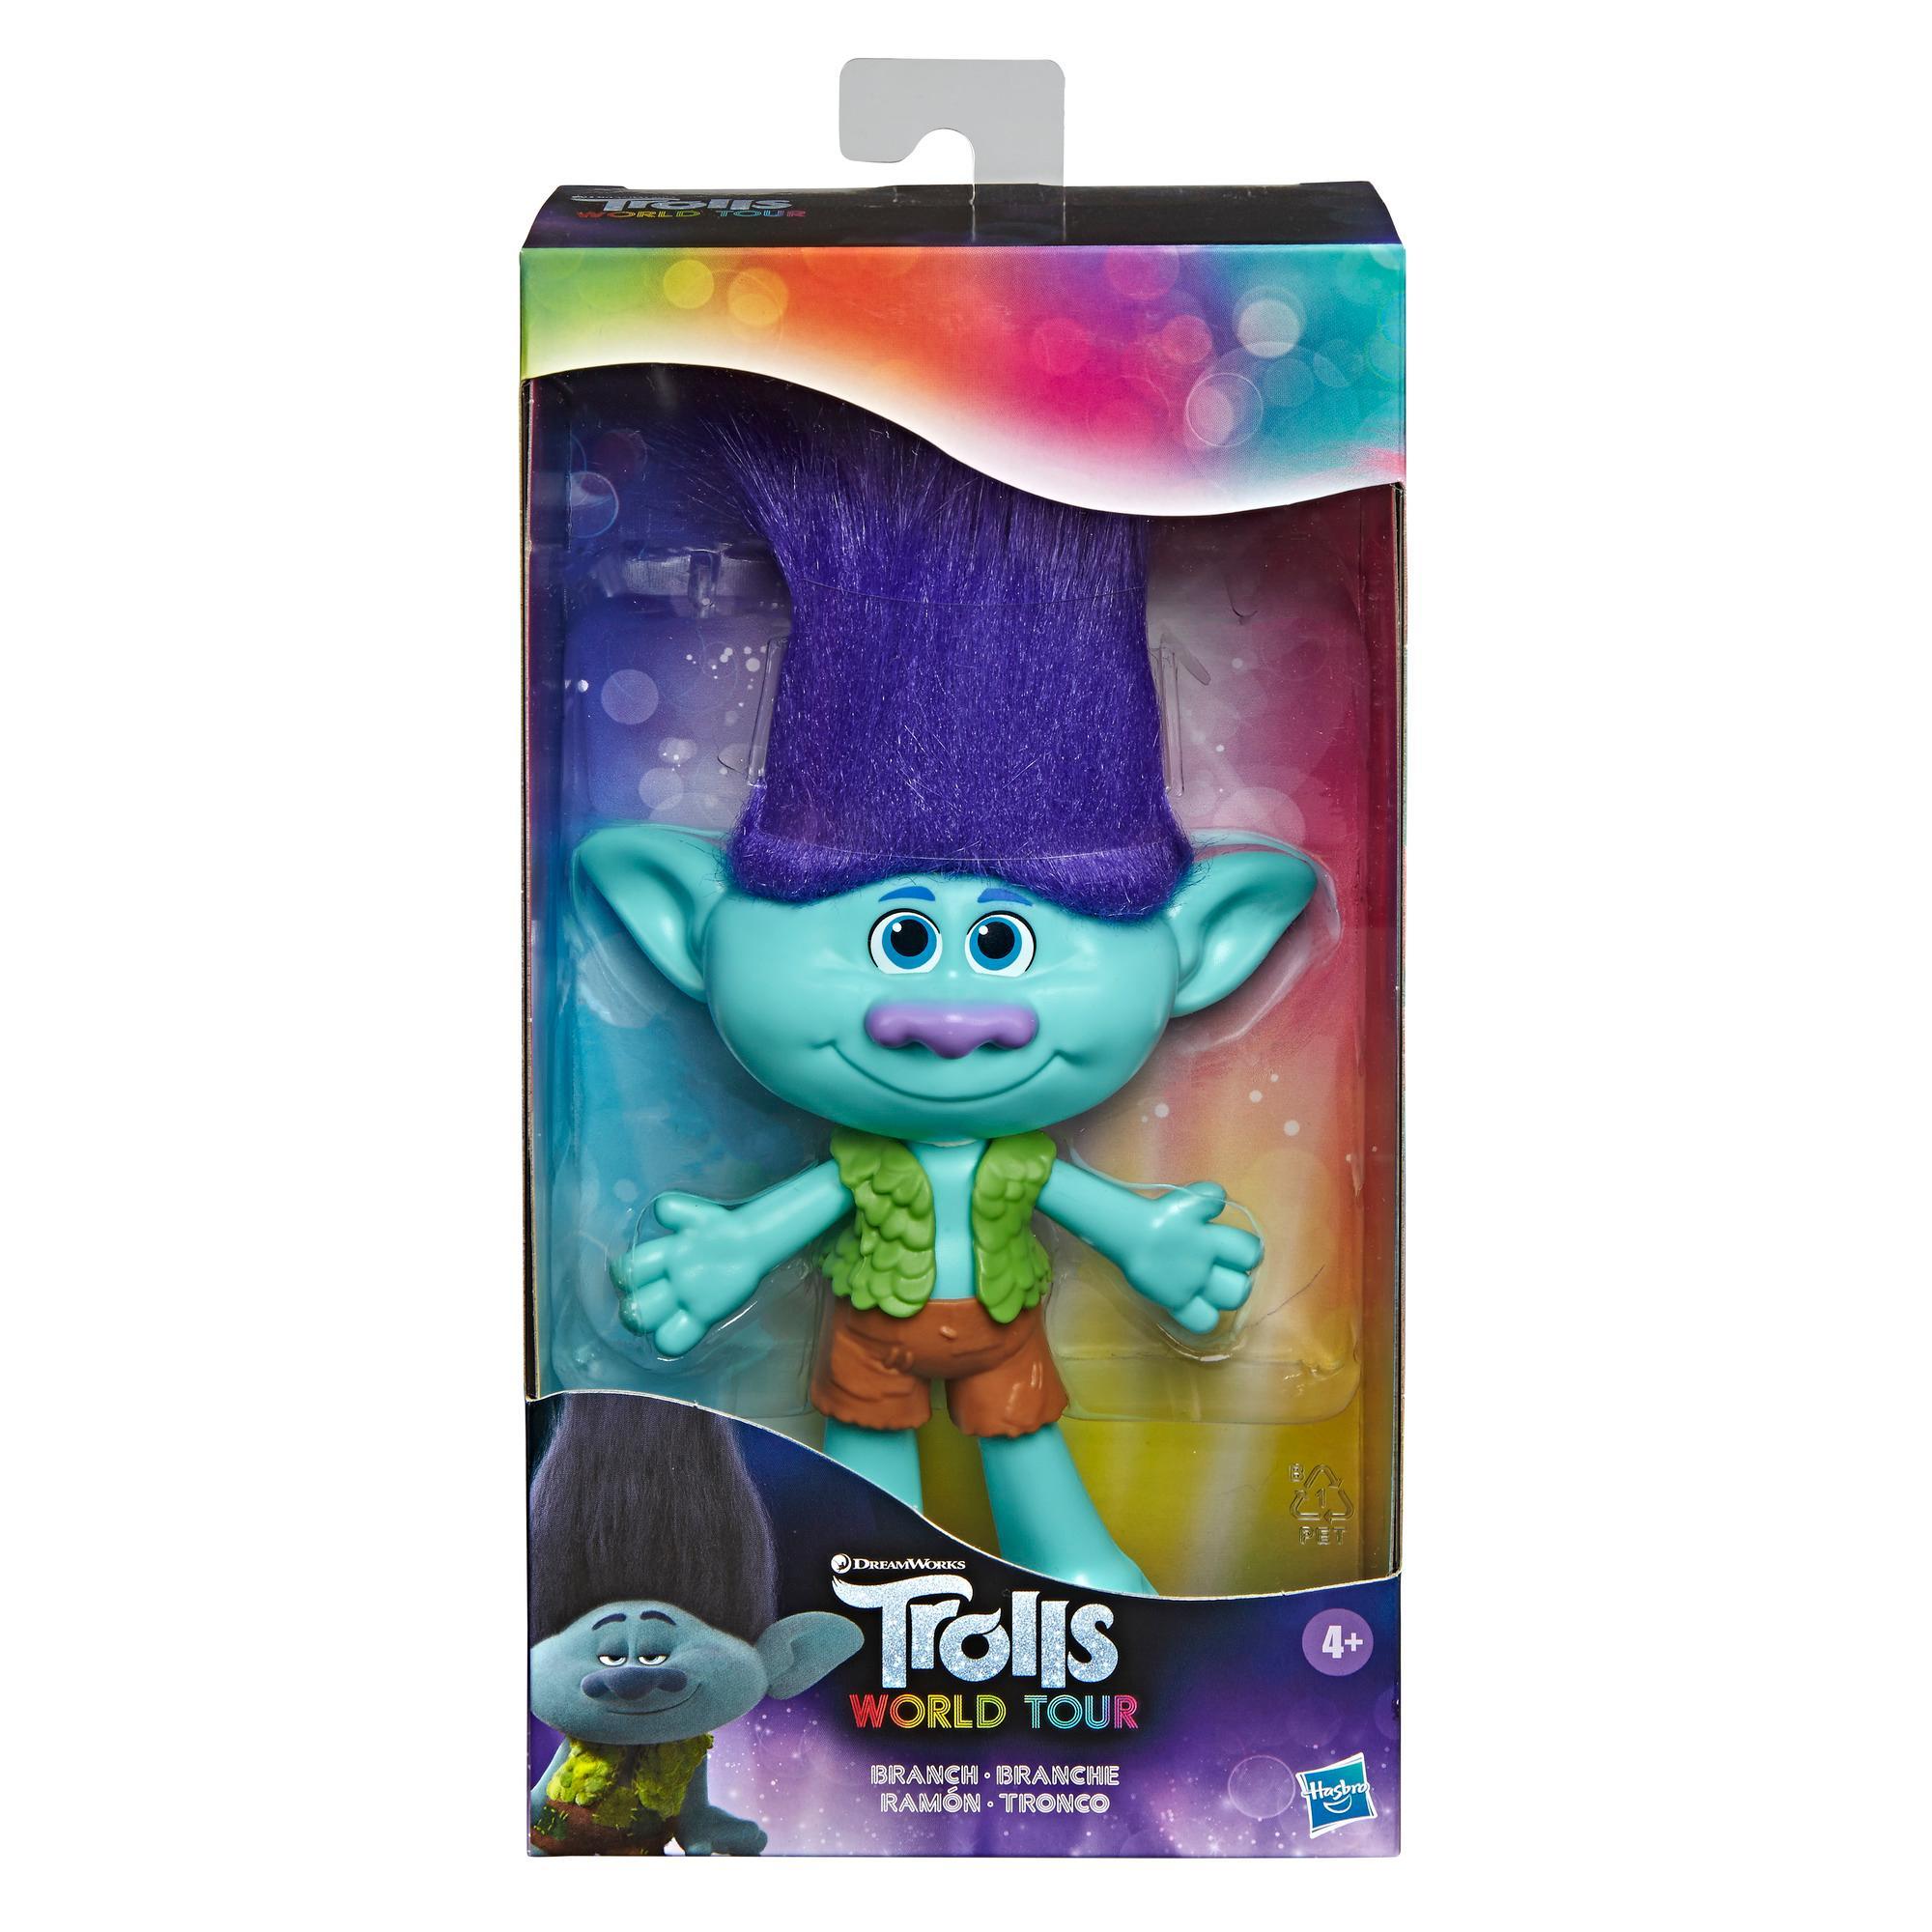 DreamWorks Trolls Branch Puppe mit abnehmbarer Weste und Shorts, inspiriert vom Film Trolls World Tour, Spielzeug für Mädchen ab 4